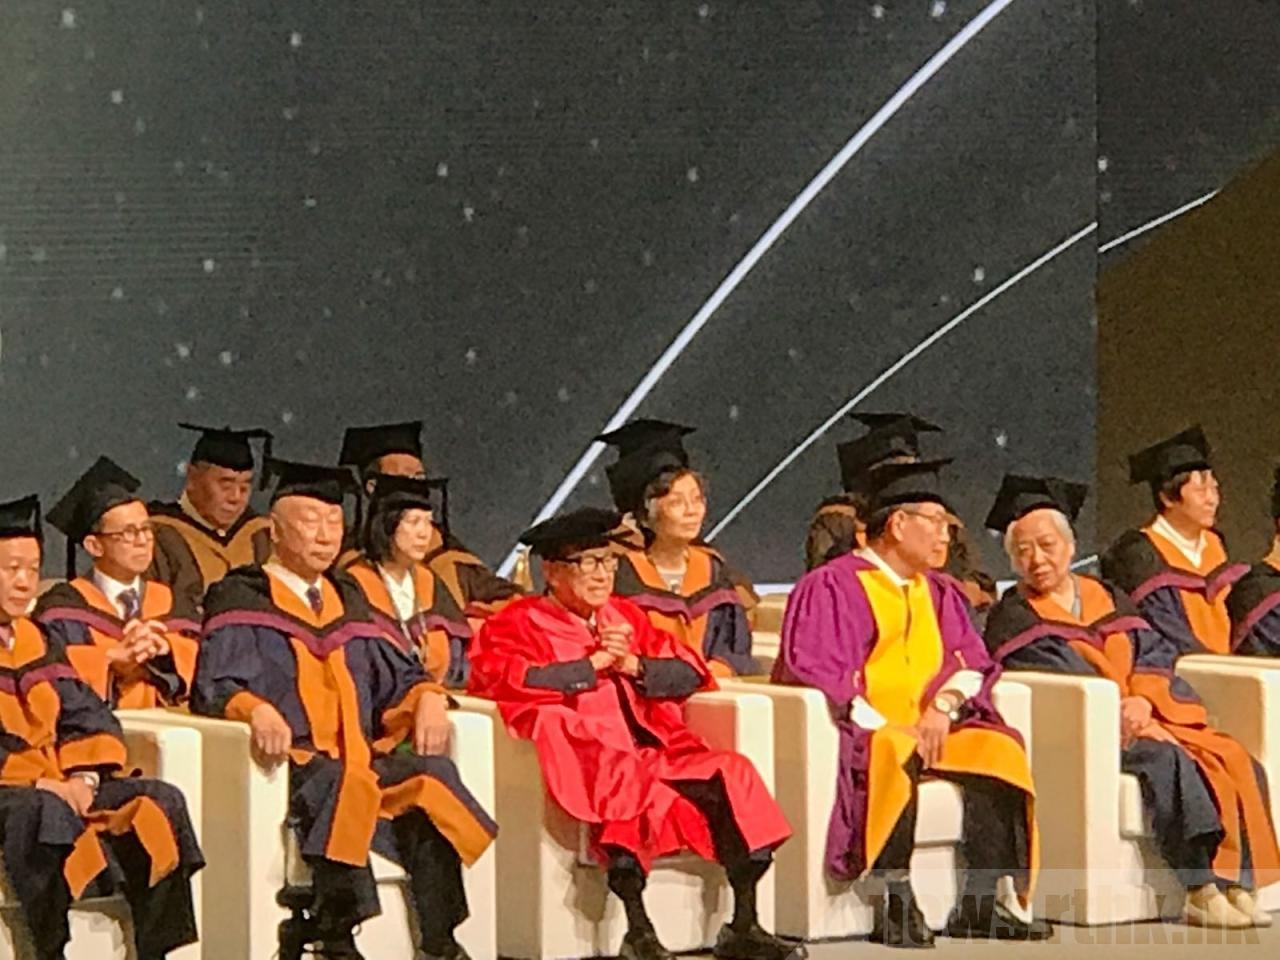 李嘉诚宣布辞去汕头大学名誉主席:为了明天,我依然会披上战衣,去思考、去行动